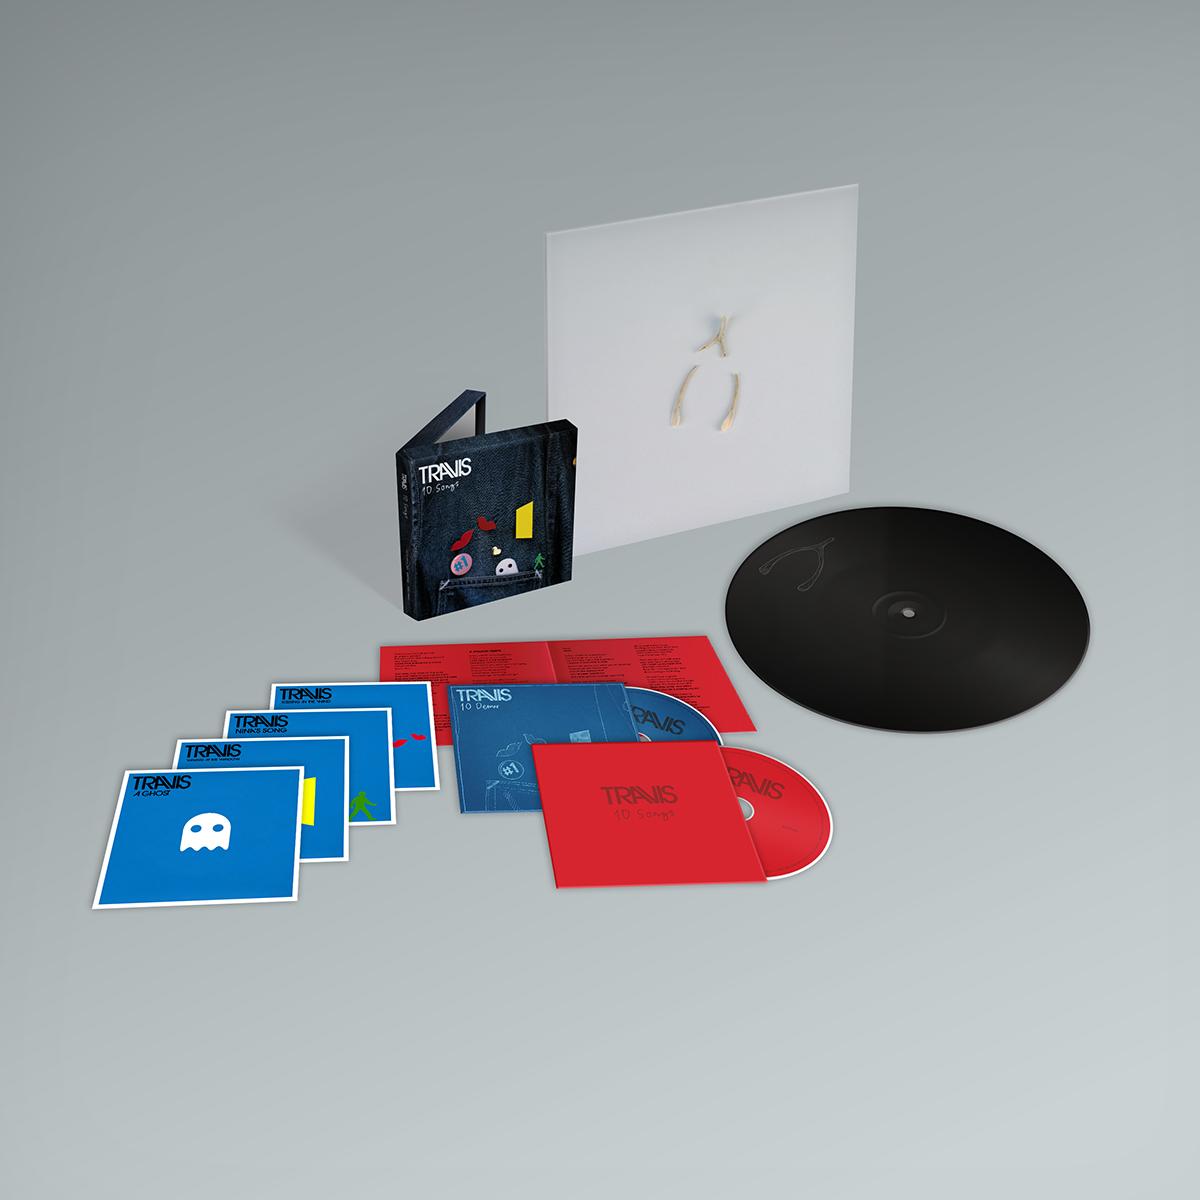 Buy Online Travis - 10 Songs Deluxe Double CD Album (Inc. Album Demos) + Valentine 10-Inch Vinyl (Exclusive)